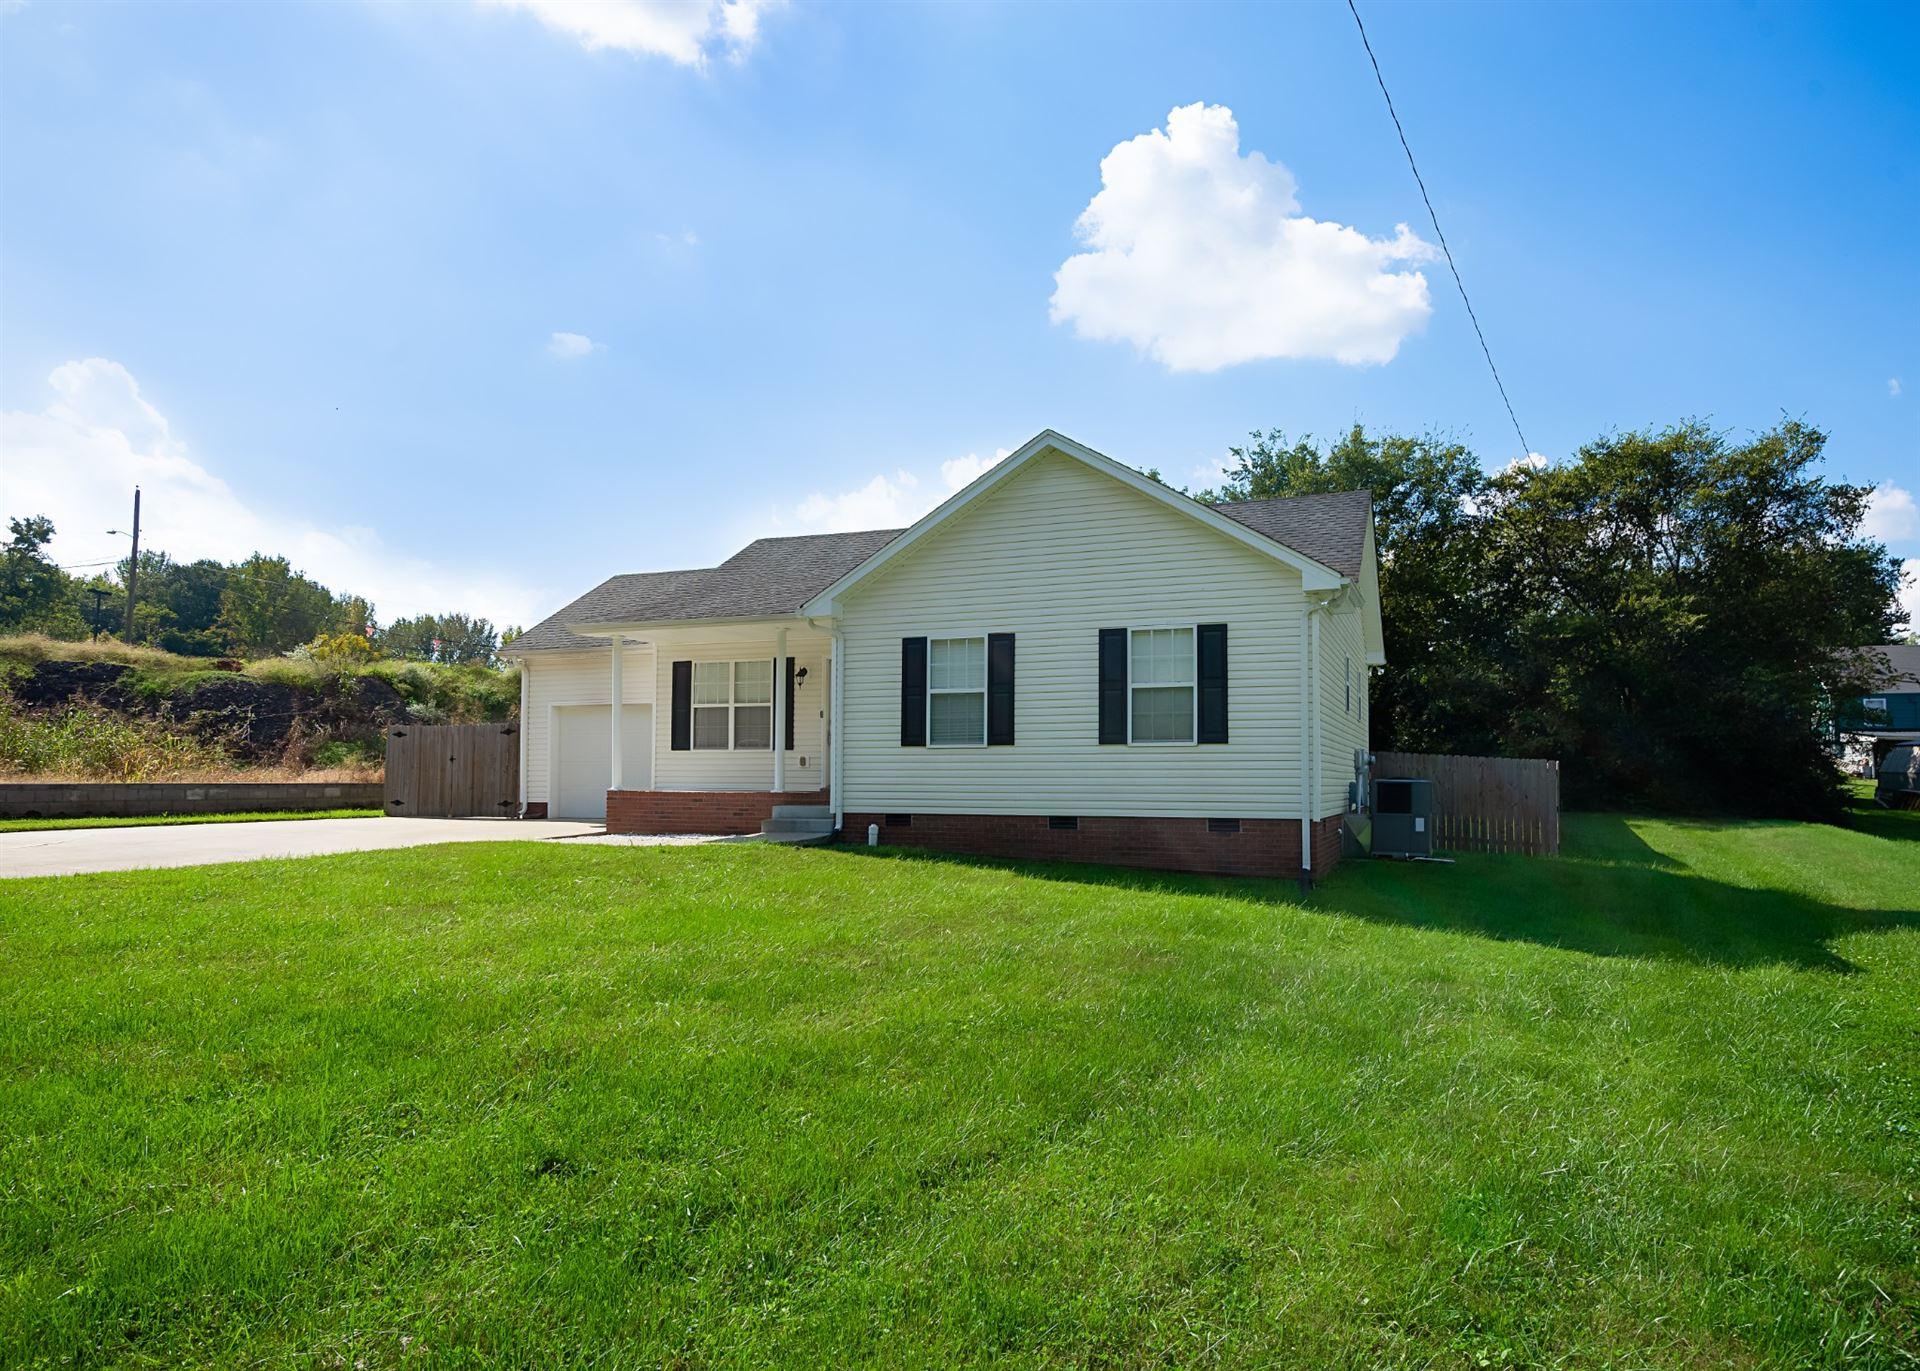 Photo of 414 Kelly Ln, Clarksville, TN 37040 (MLS # 2300567)